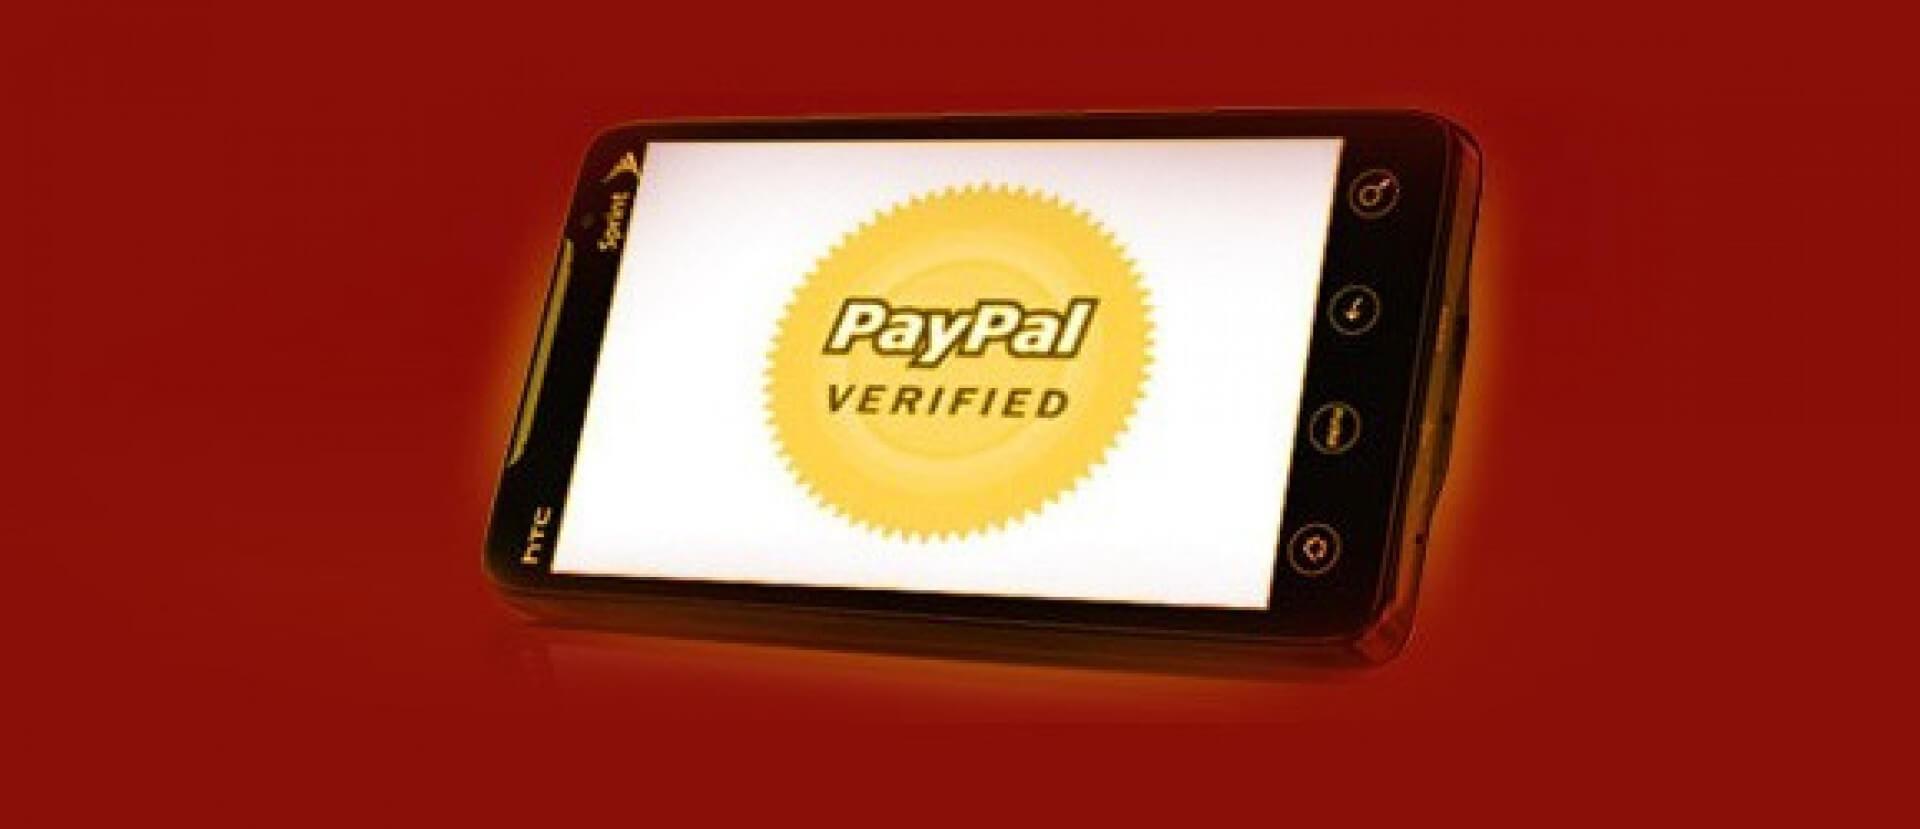 Mundo terá 2,5 bilhões de usuários de mobile payment em 2015